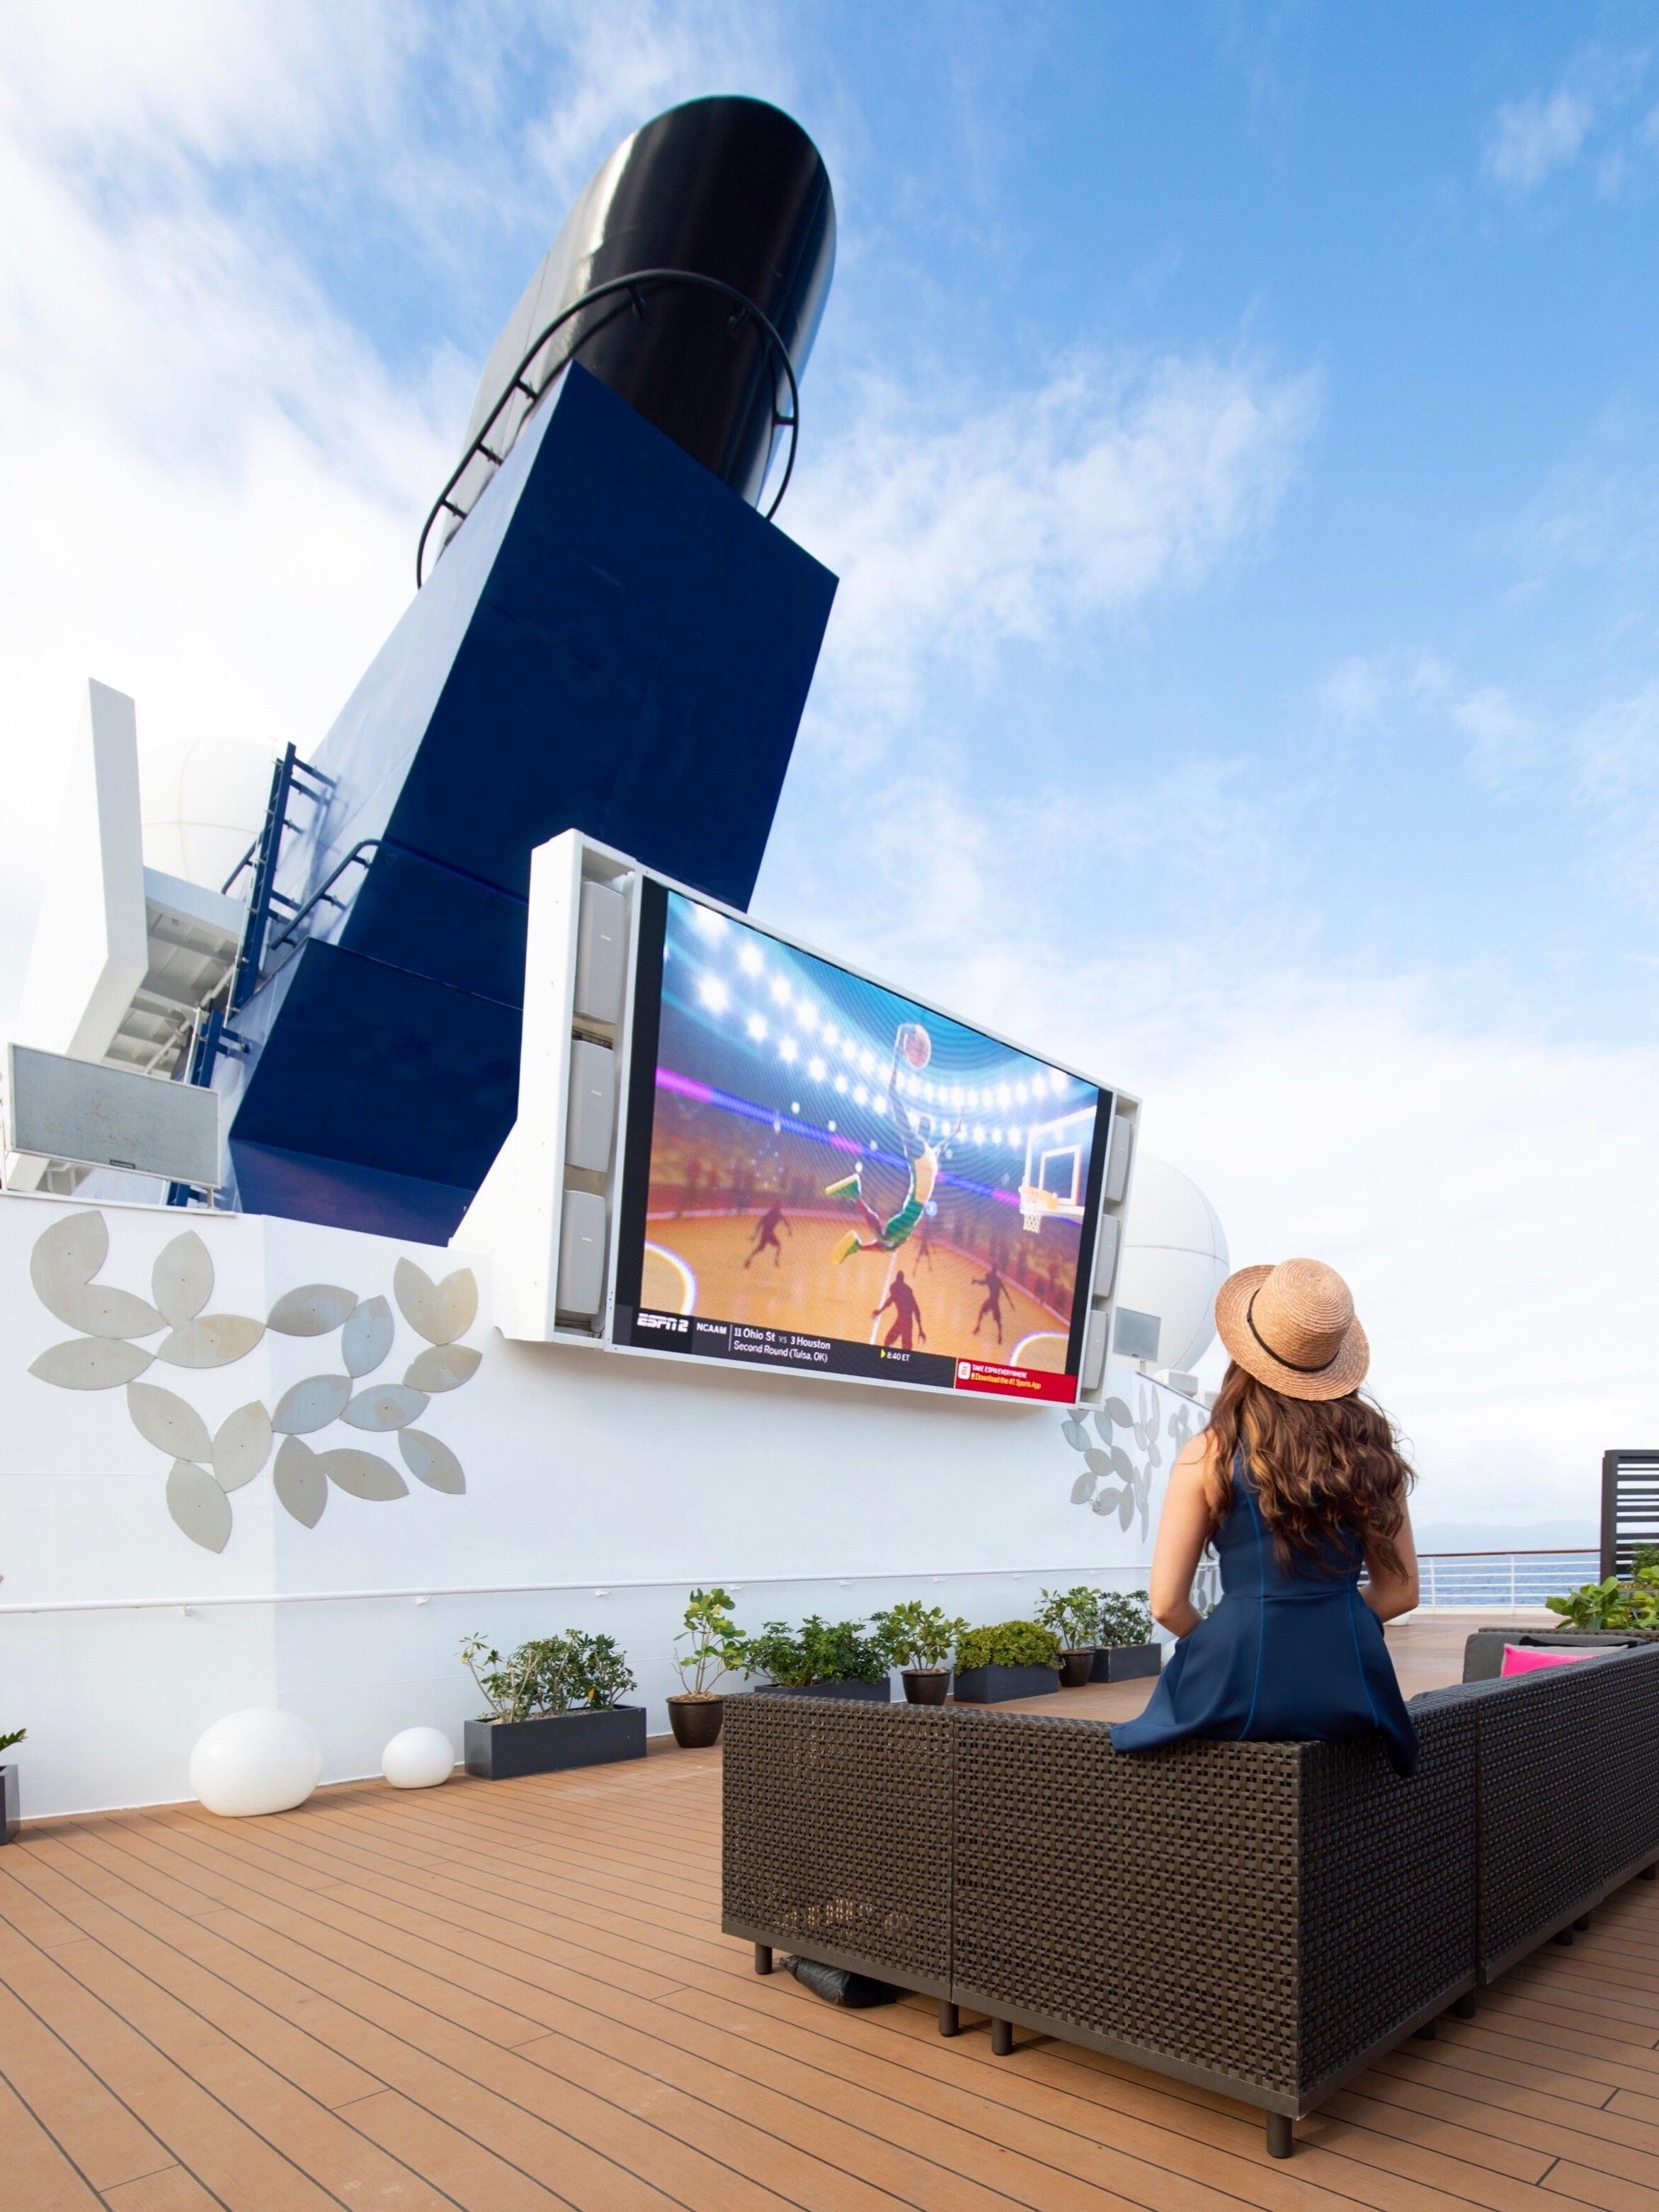 celebrity summit: deck 12 outdoor cinema